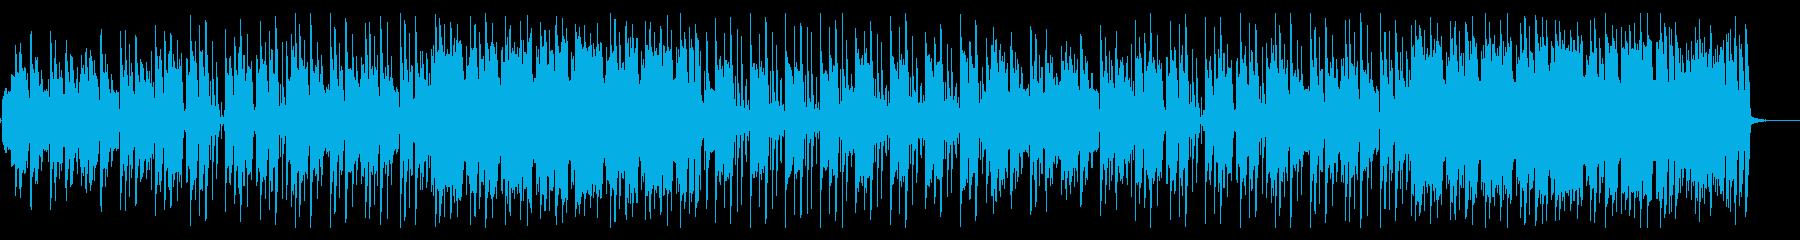 トイ楽器によるほのぼのロックの再生済みの波形